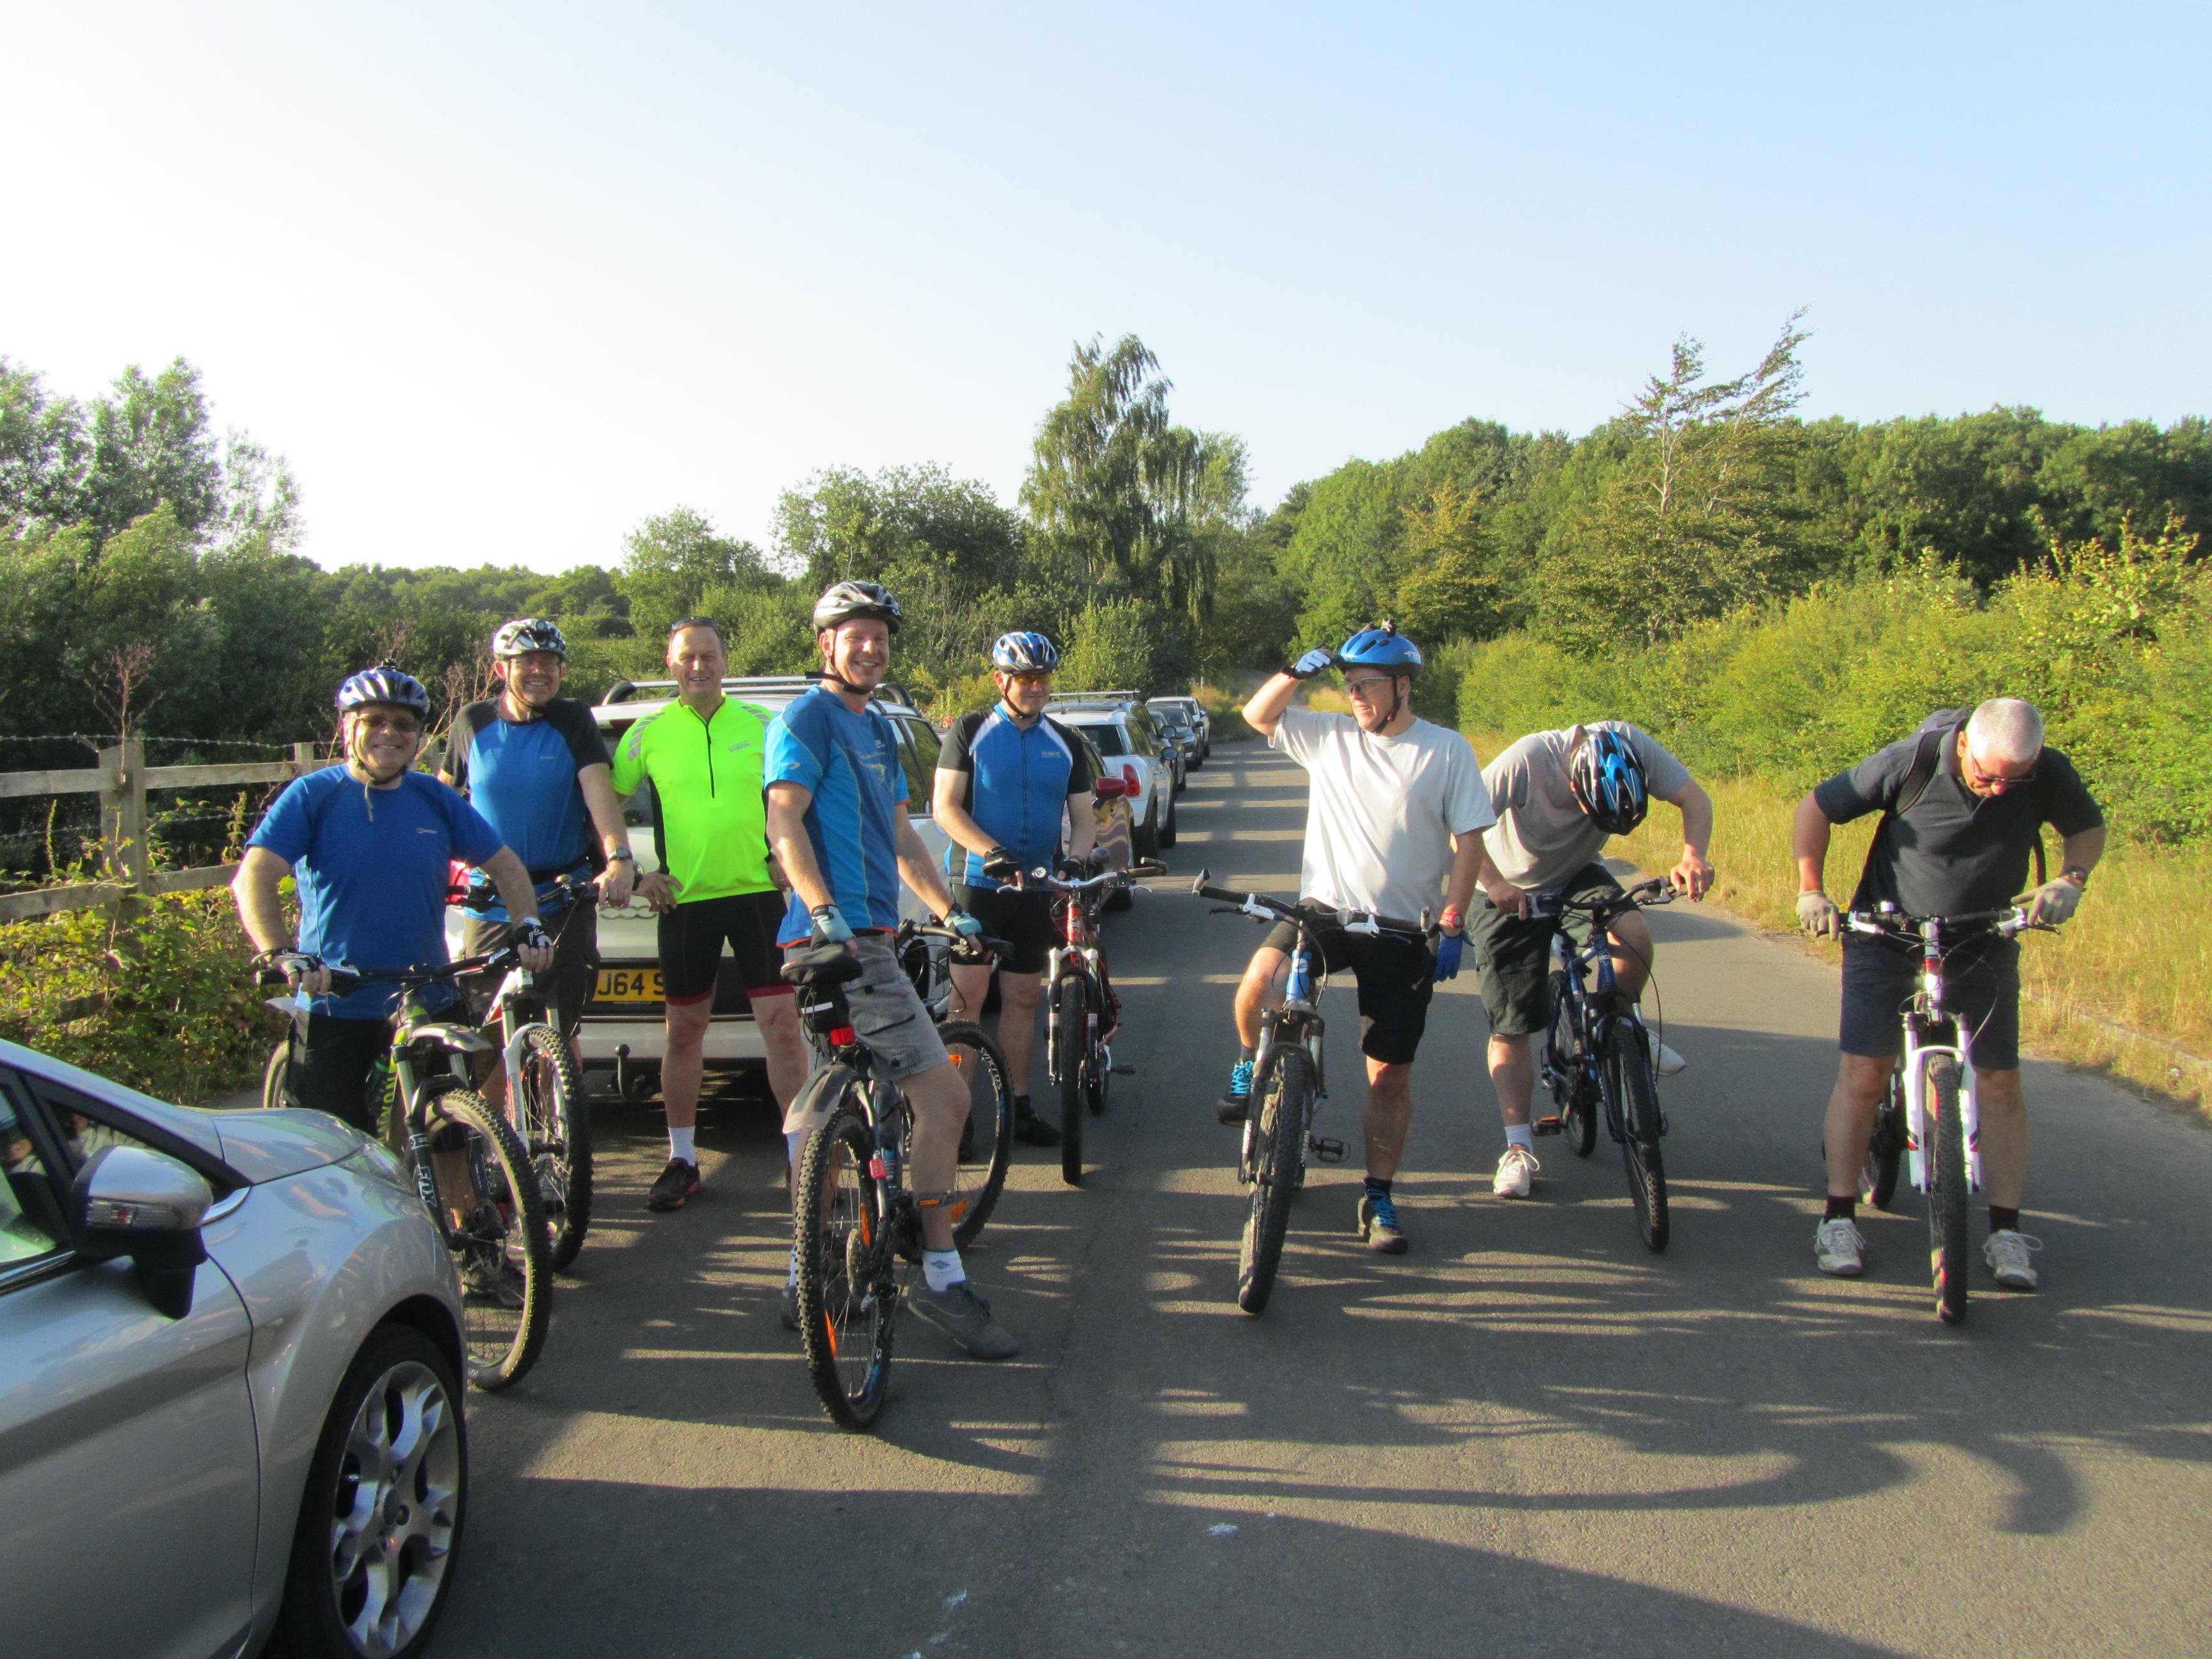 Bewl Bike Ride 09.07.15 015